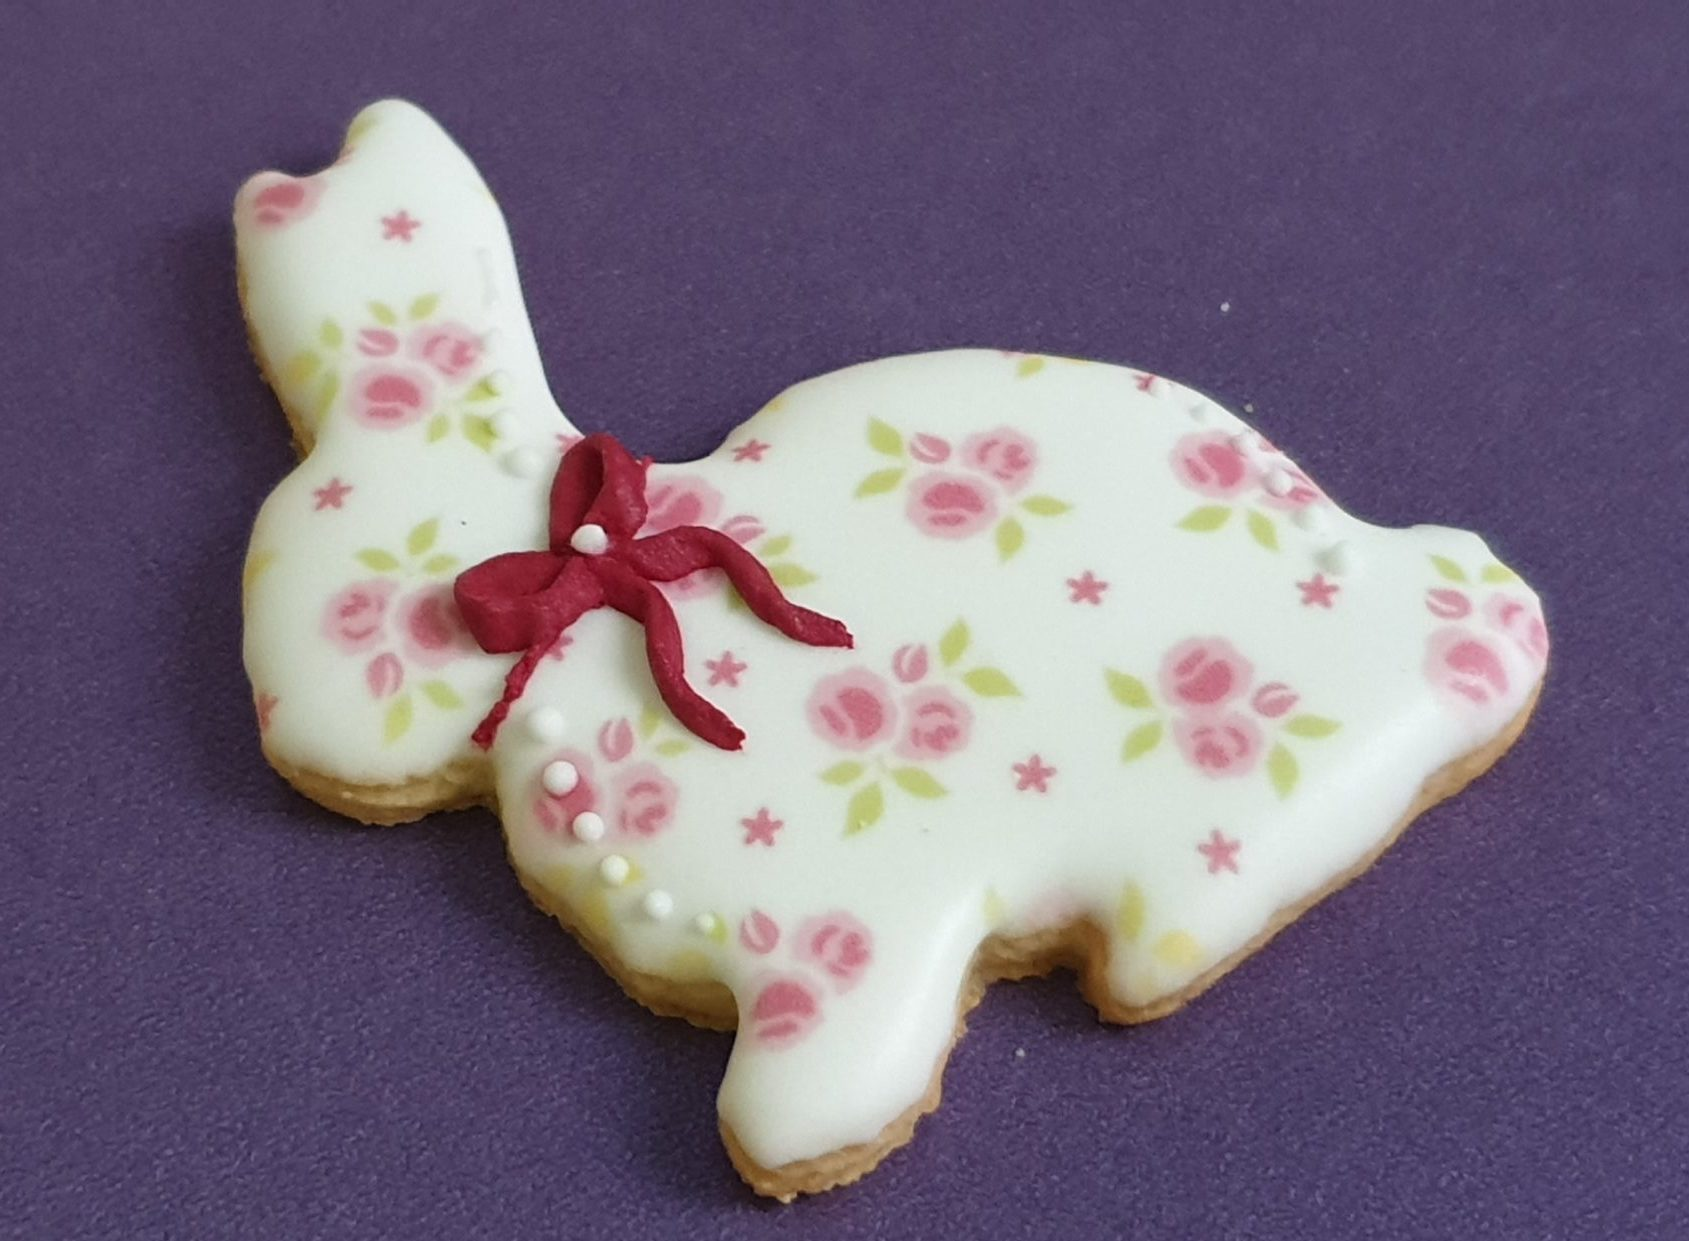 Ciasteczka Wielkanocne - zajączek, Króliczek wielkanocny, ciasteczka wielkanocne, dekoracje wielkanocne, lukrowane ciasteczka Basia sweets